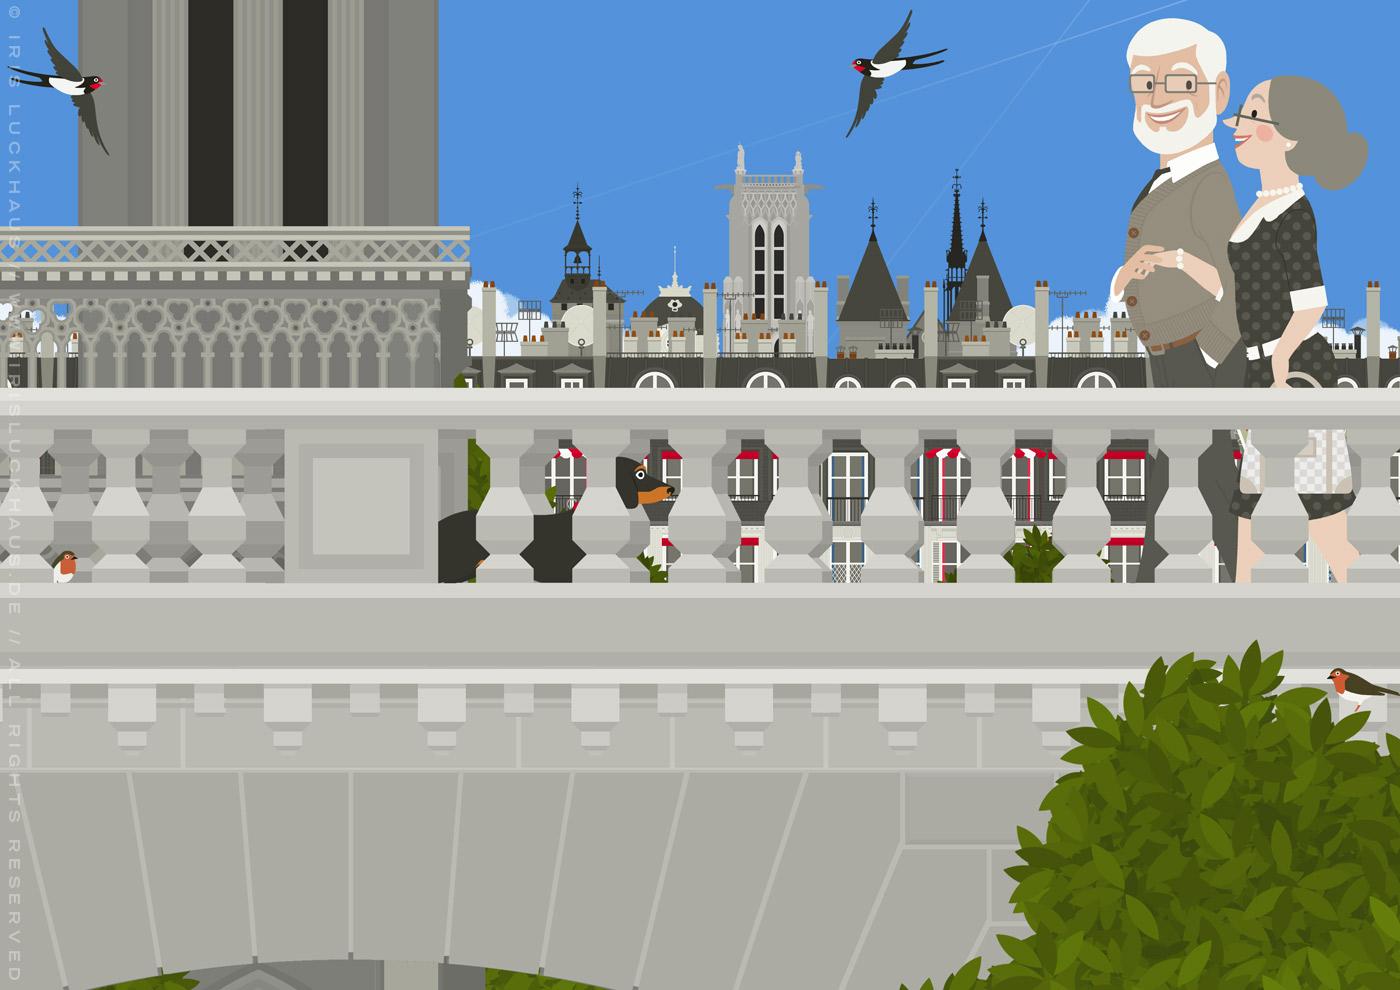 Zeichnung eines alten Pärchens mit Dackel, das bei einem Spaziergang durch Paris über die Brücken der Seine läuft und dabei die Notre Dame entdeckt